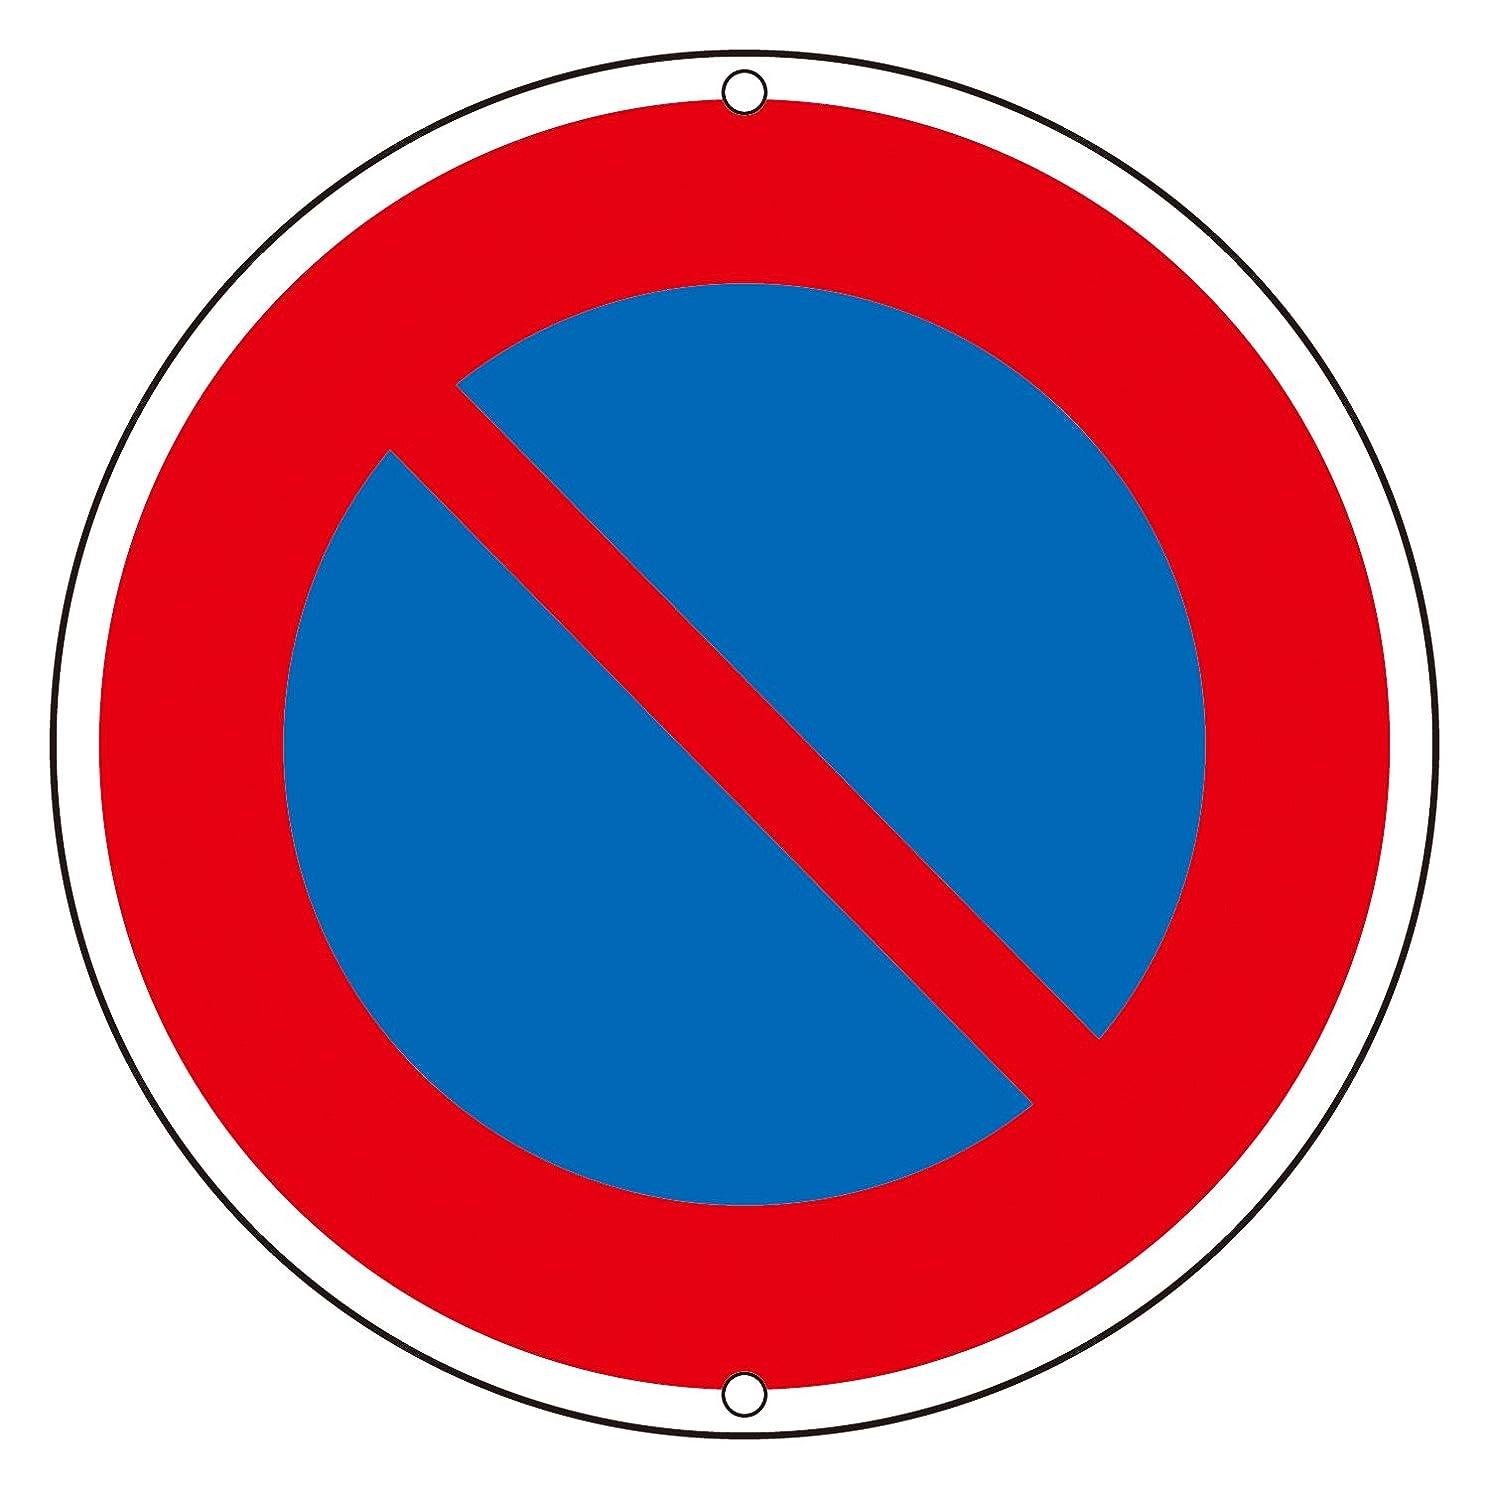 行情熱定数緑十字 道路標識 道路316 駐車禁止 133190